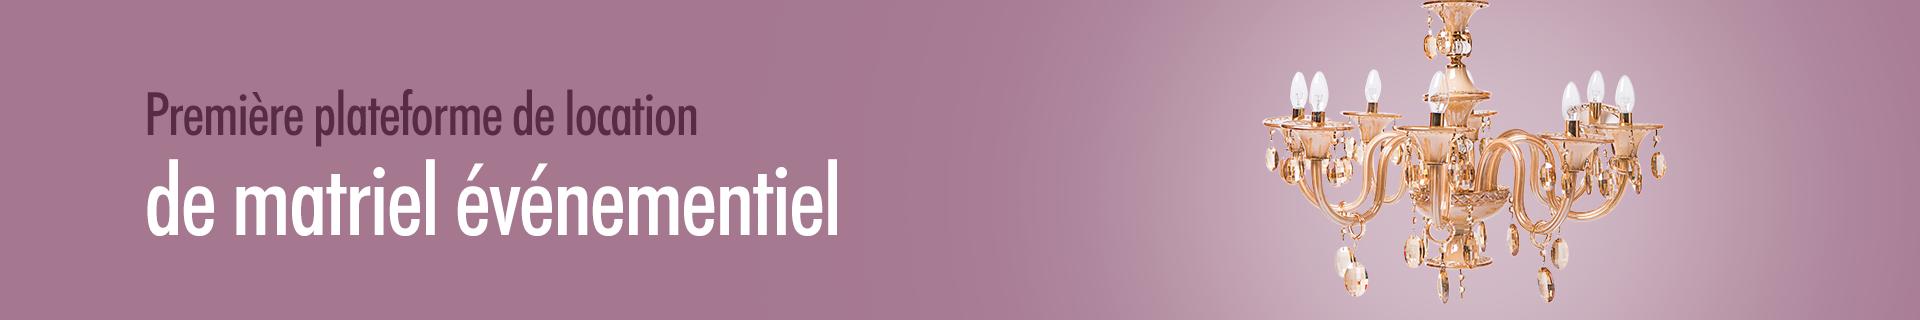 Location d'accessoires - Ekrili